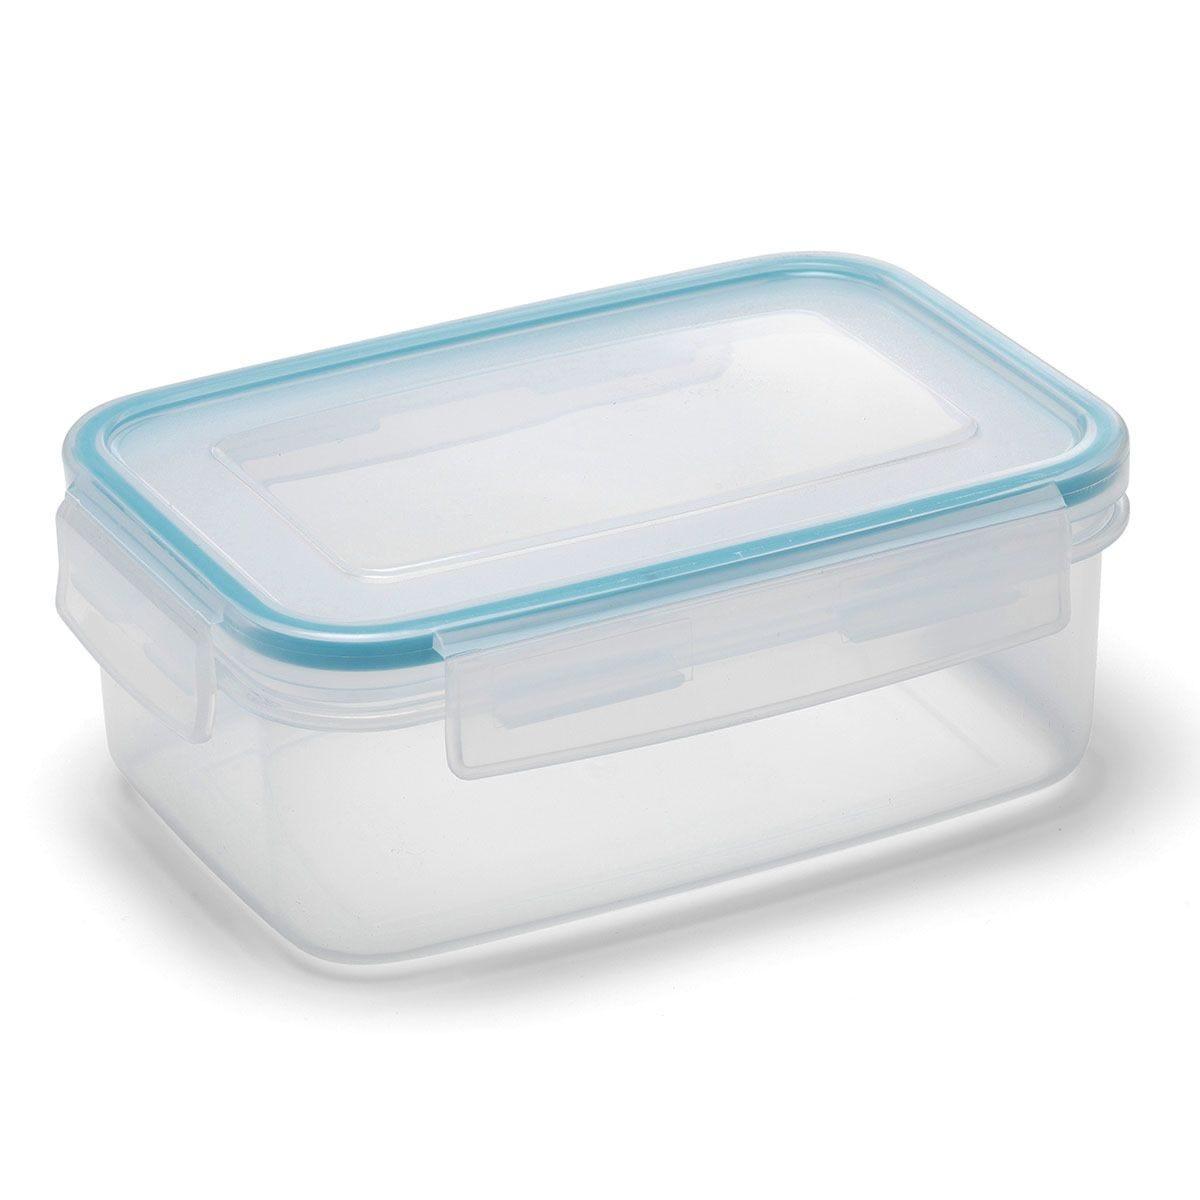 Addis Clip & Close Food Container - 900ml